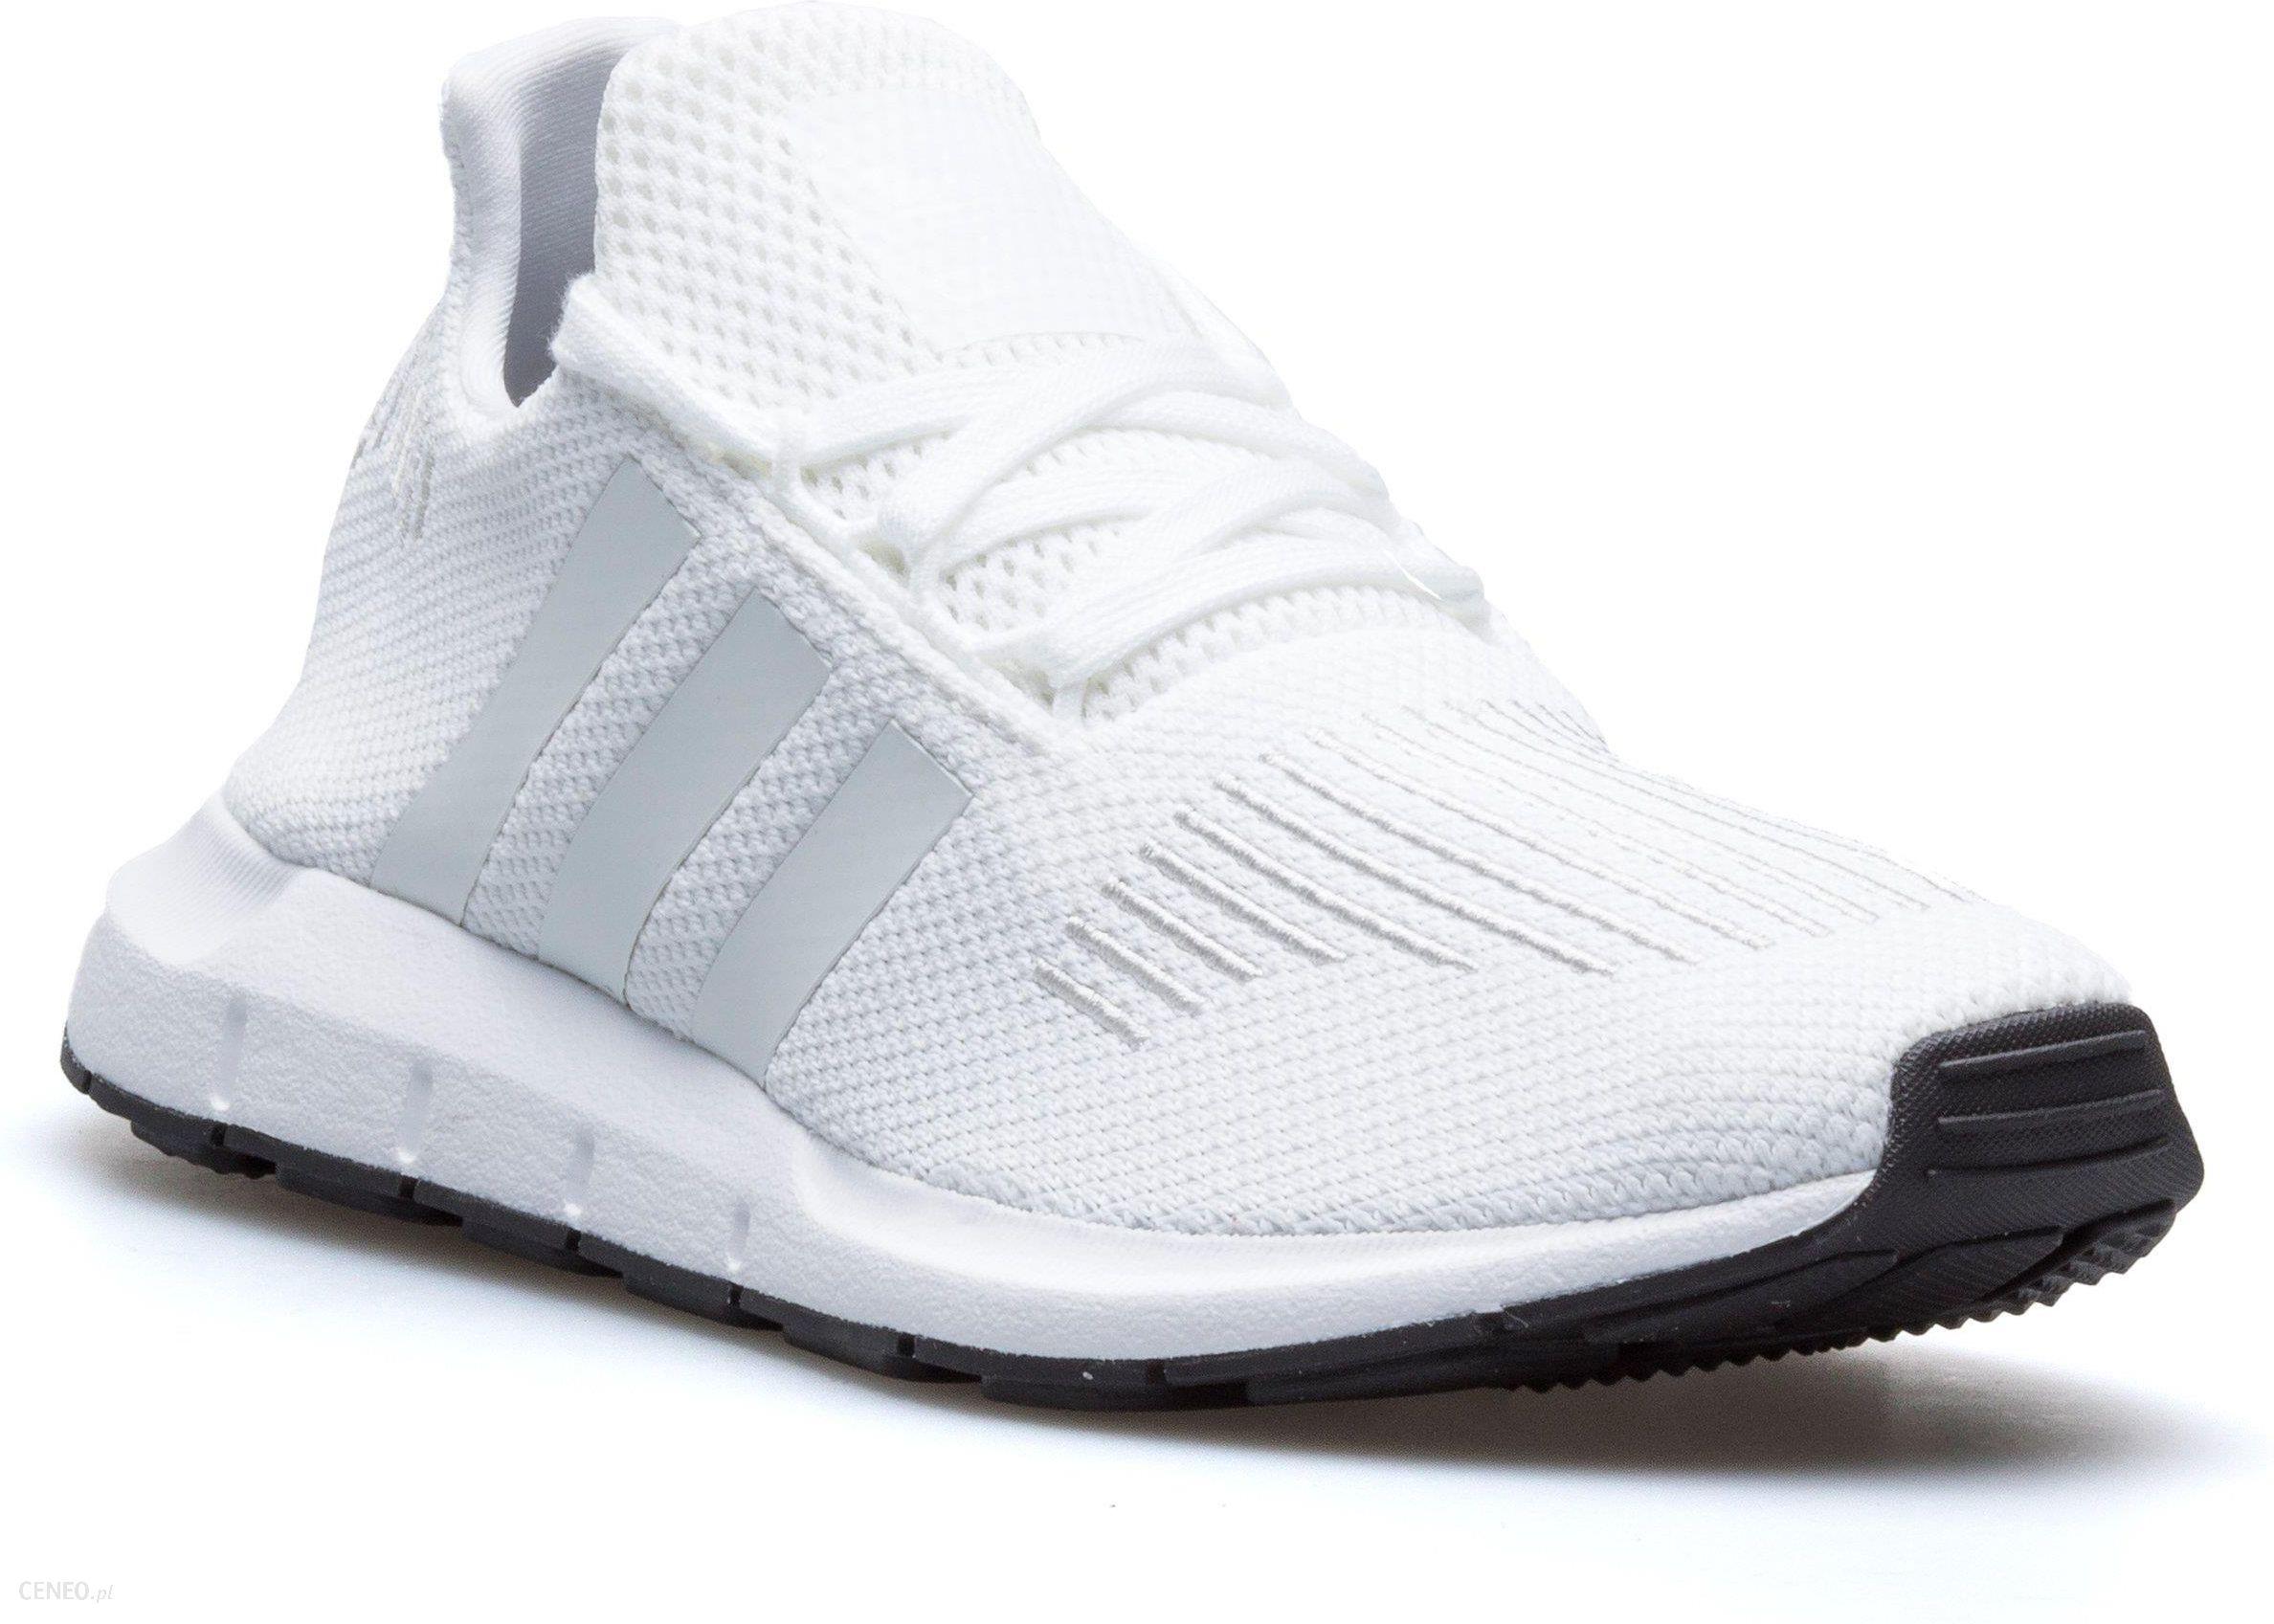 Adidas SWIFT RUN BUTY SPORTOWE damskie 36 23